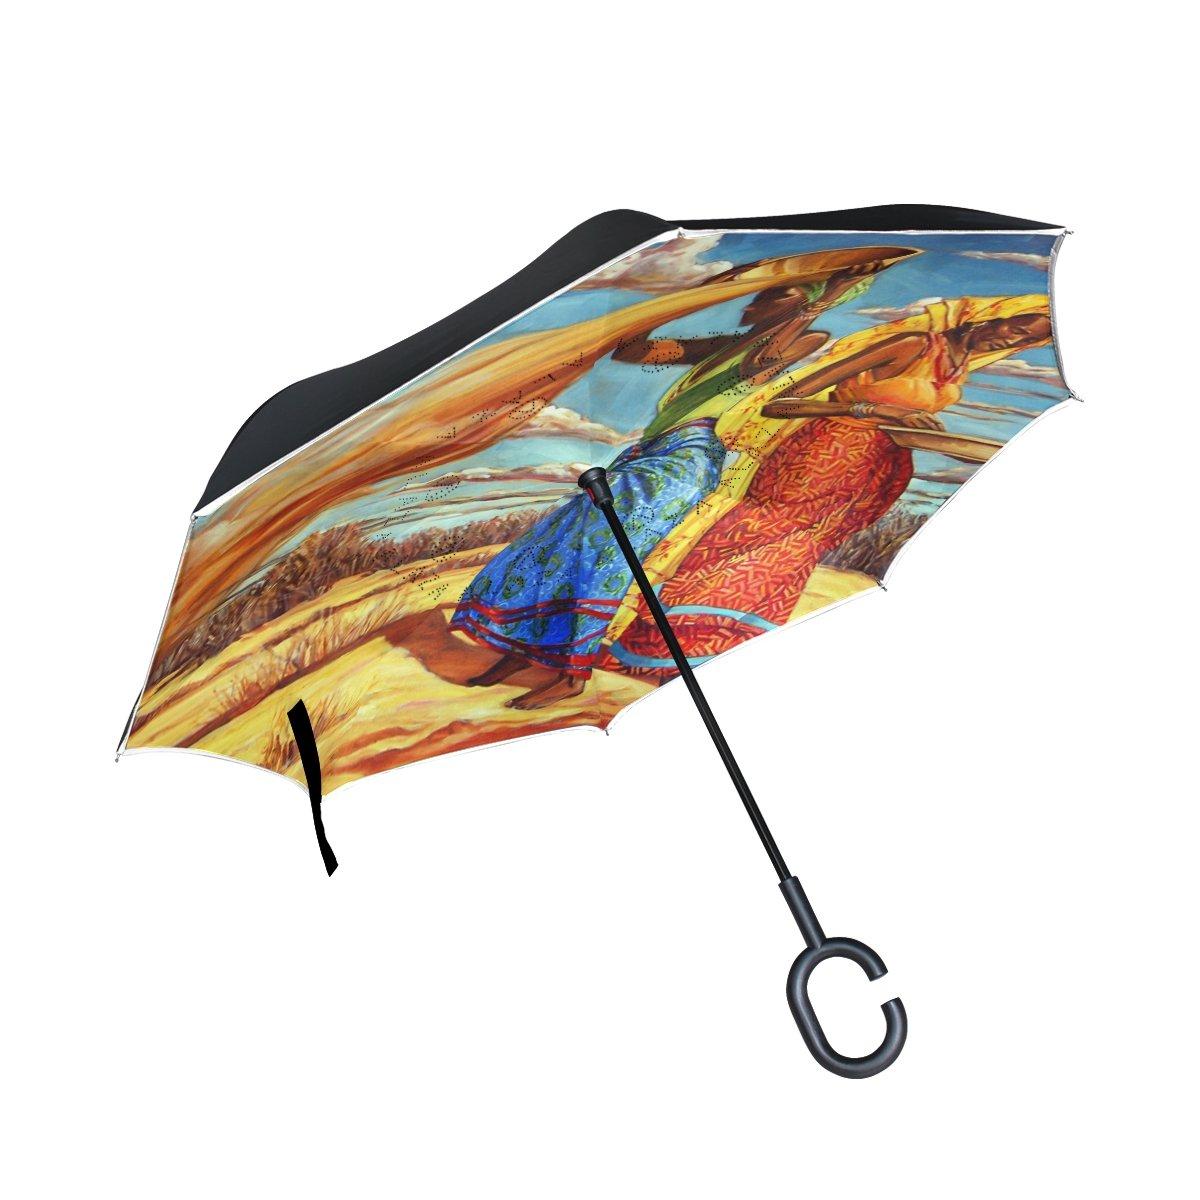 MUMIMI - Paraguas invertido para Mujer, Doble Capa, Resistente al Viento, protección UV, Paraguas invertido, Plegable, Paraguas de Viaje, Paraguas invertido ...